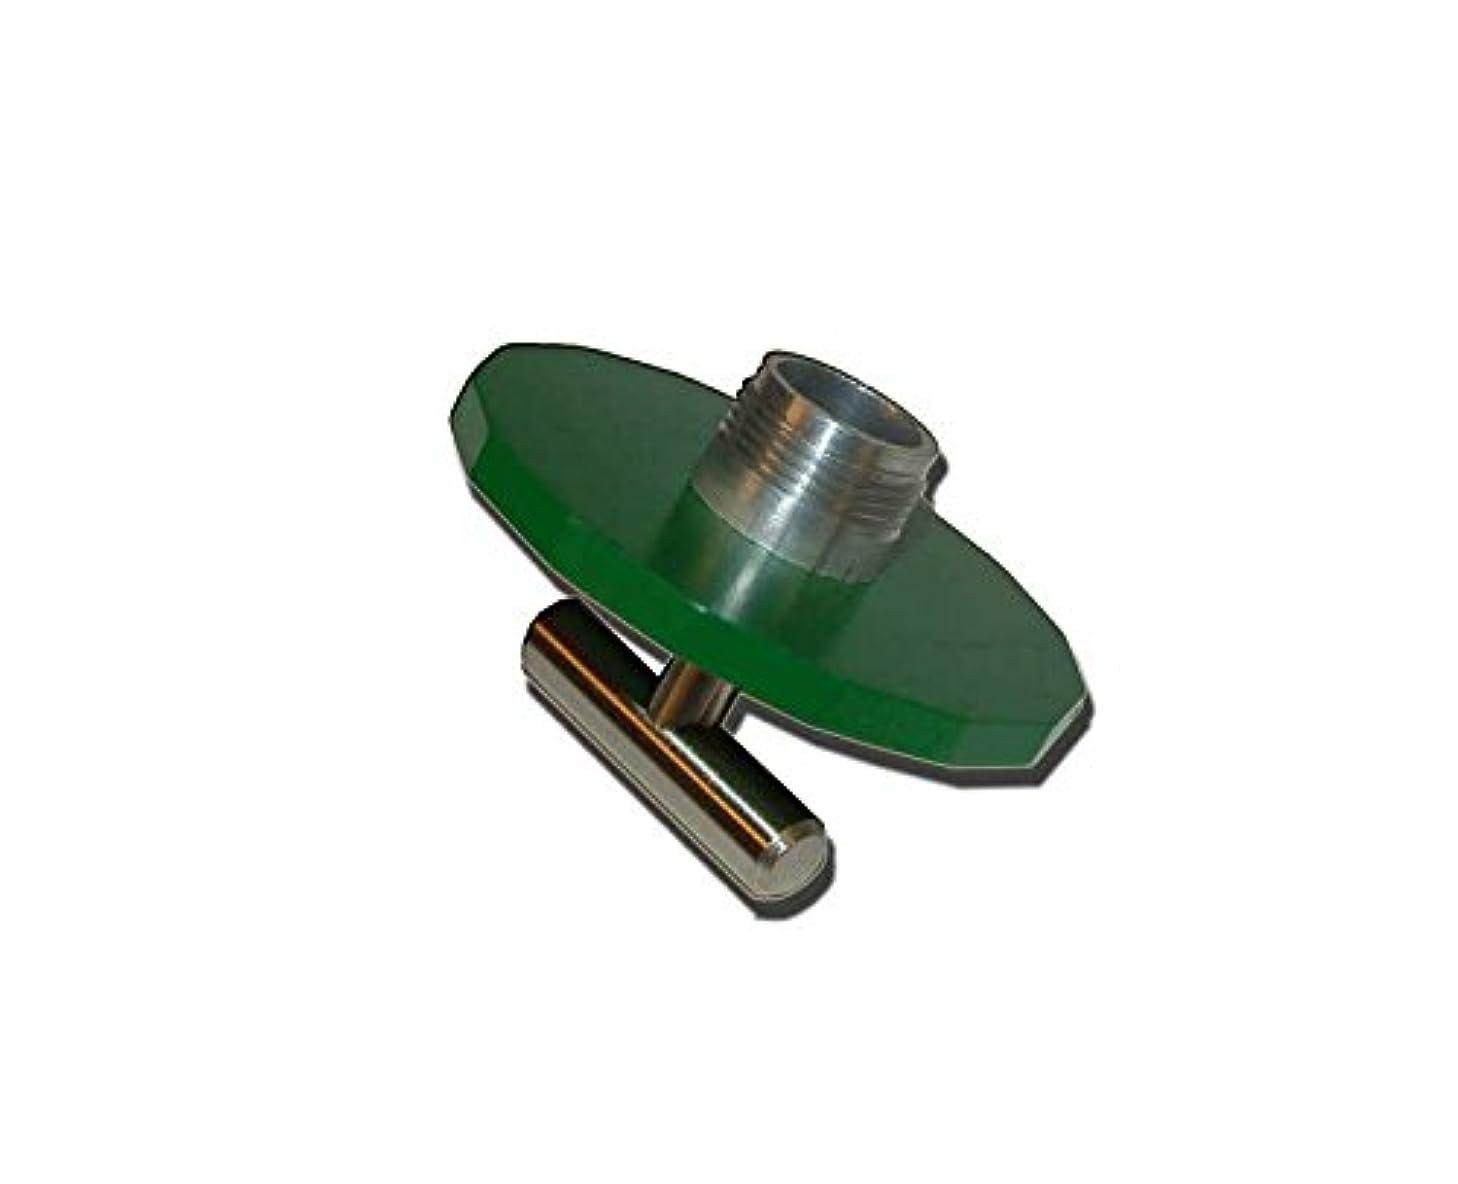 Auto Direct Save Oil Filter Plug for Dodge Ram 05083285AA MO285 Turbo Diesel 5.9L 6.7L Cummins